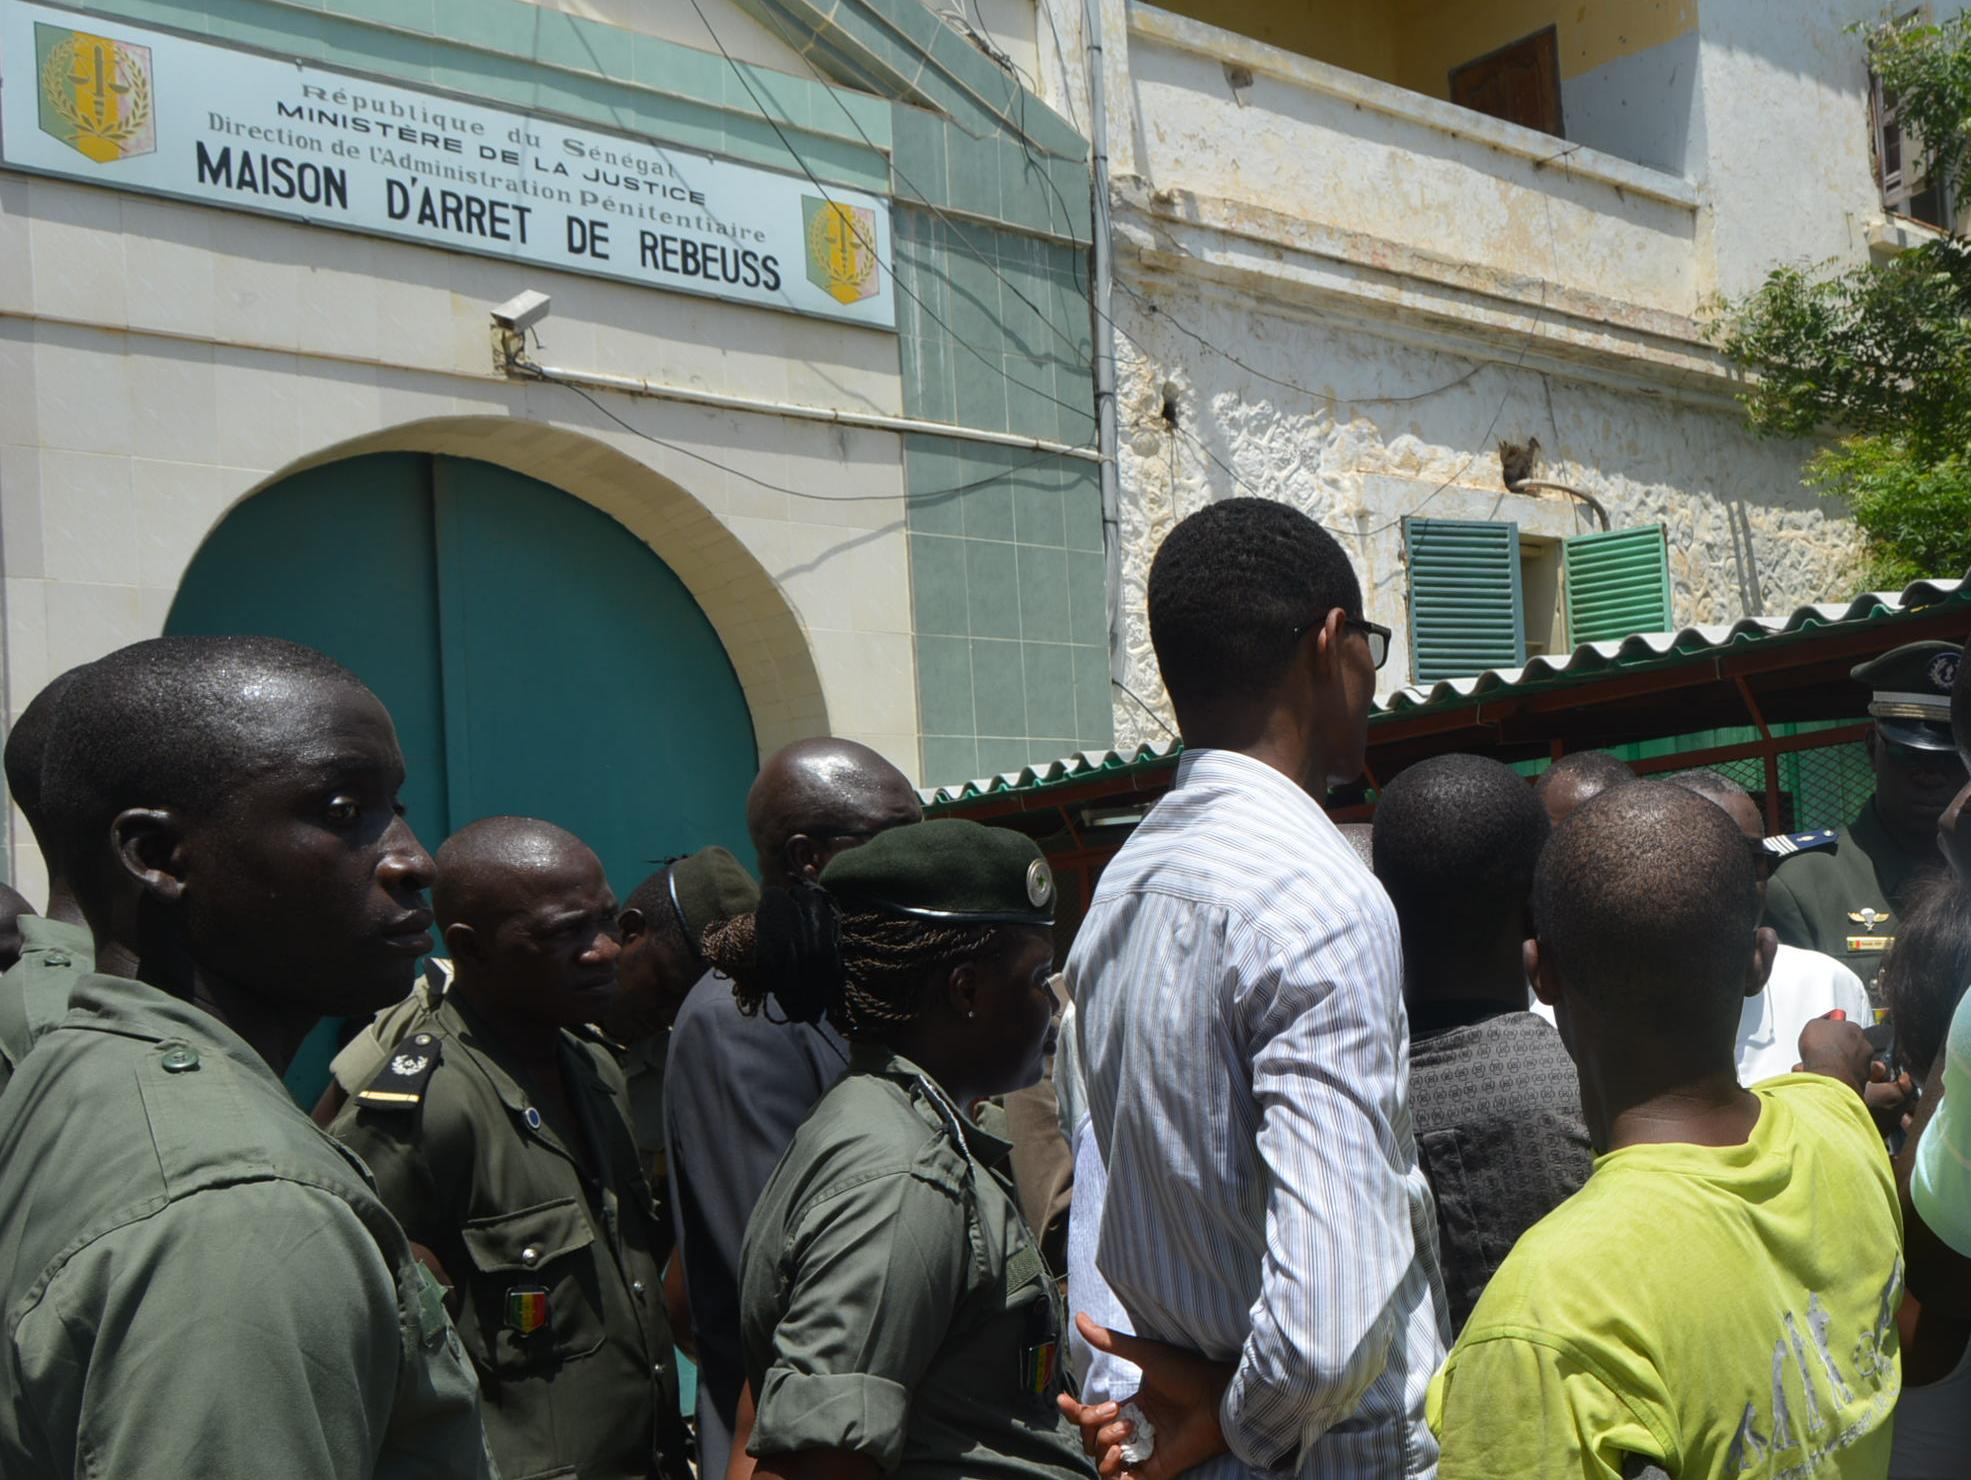 Affaire du navire nigérian immobilisé: 14 membres de l'équipage toujours en détention à Rebeuss…, 2 sont morts